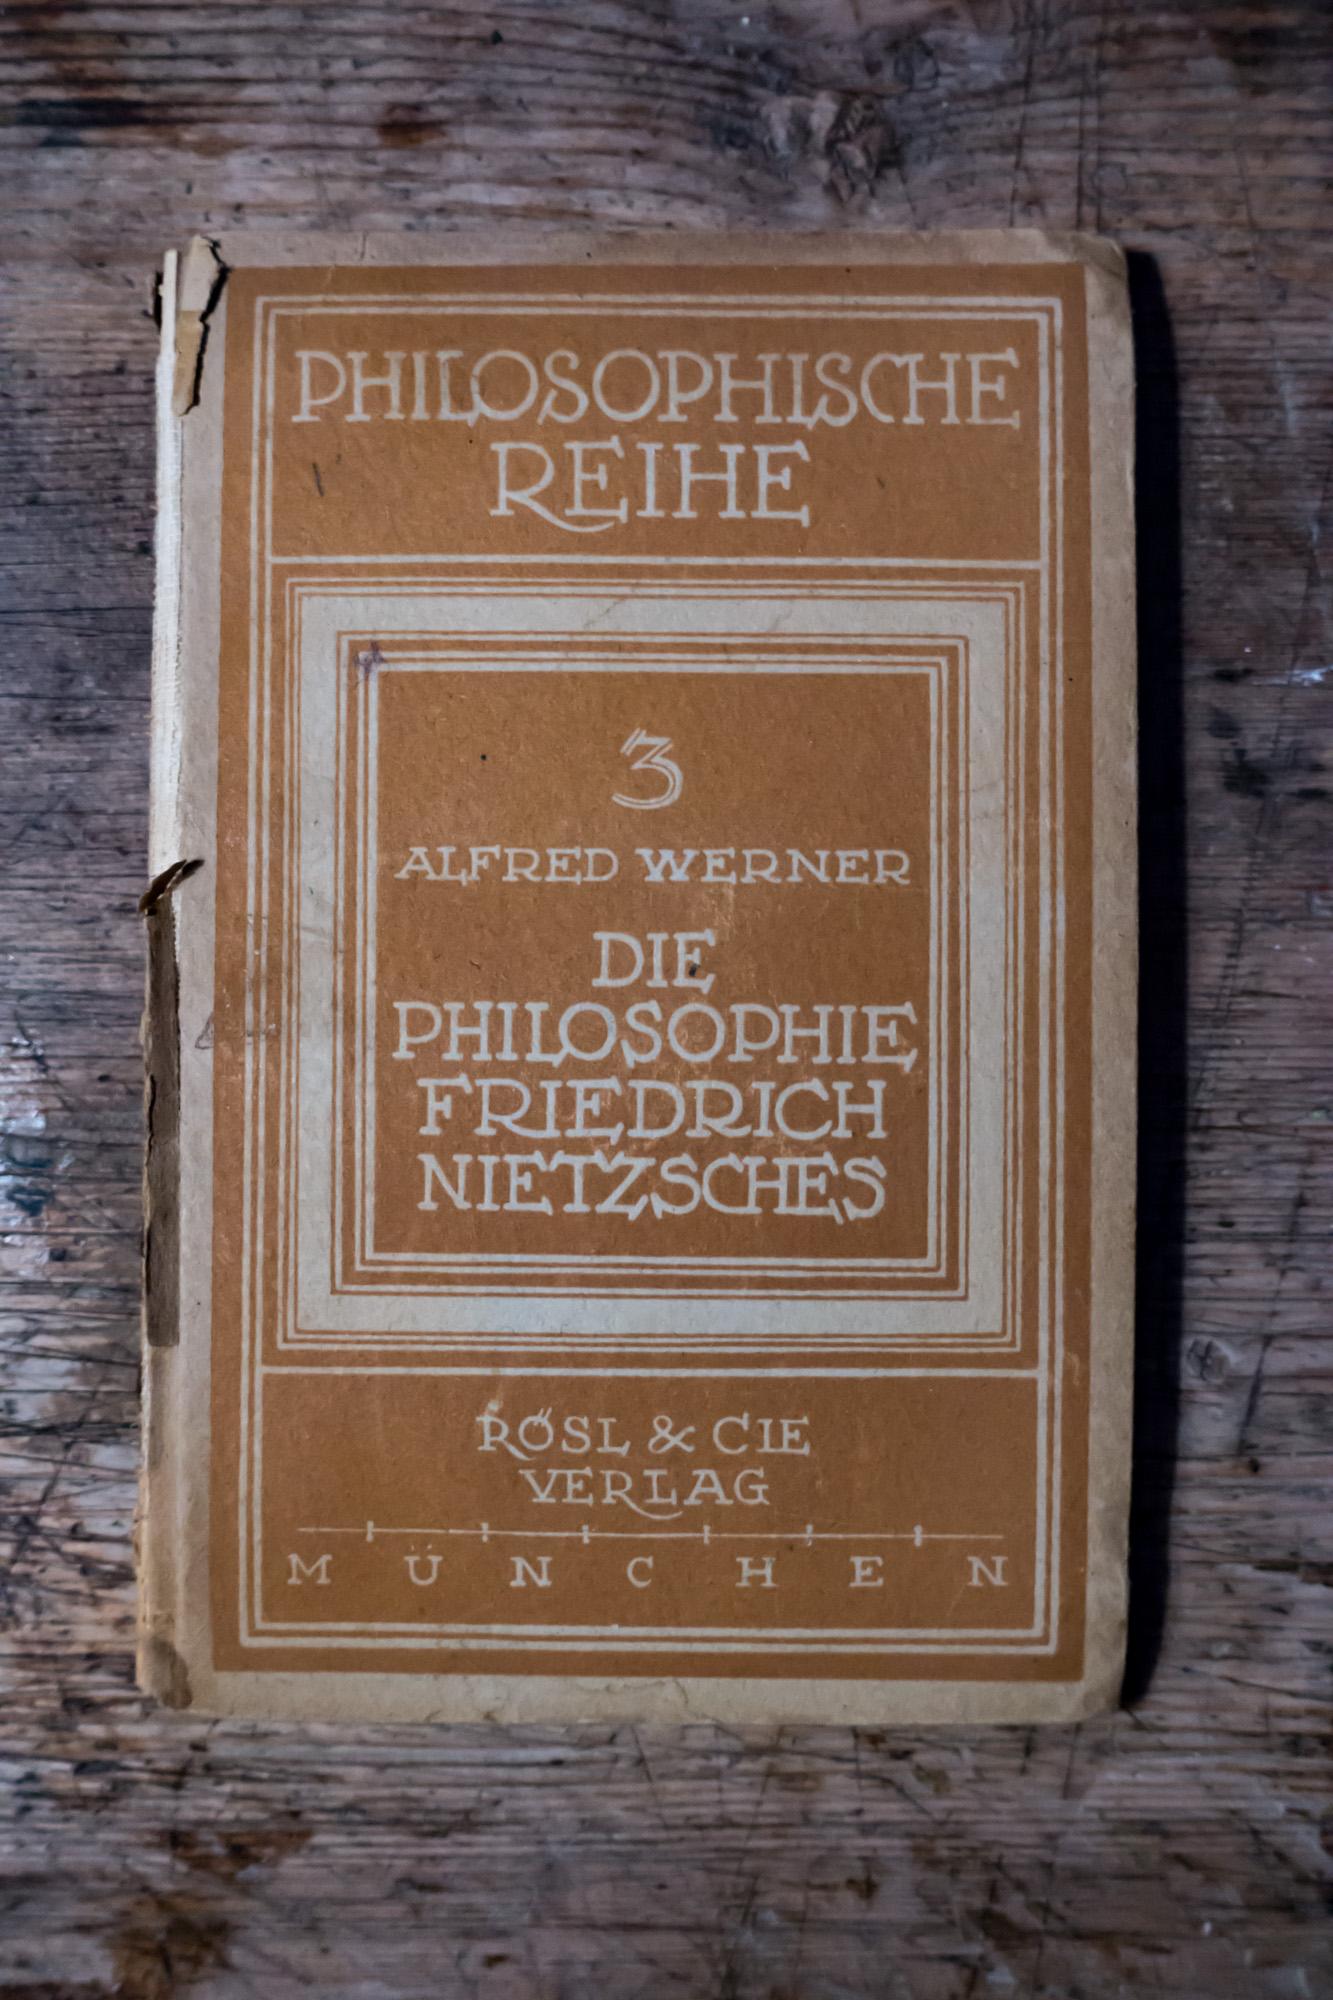 Older Books About Nietzsche Nochrisis